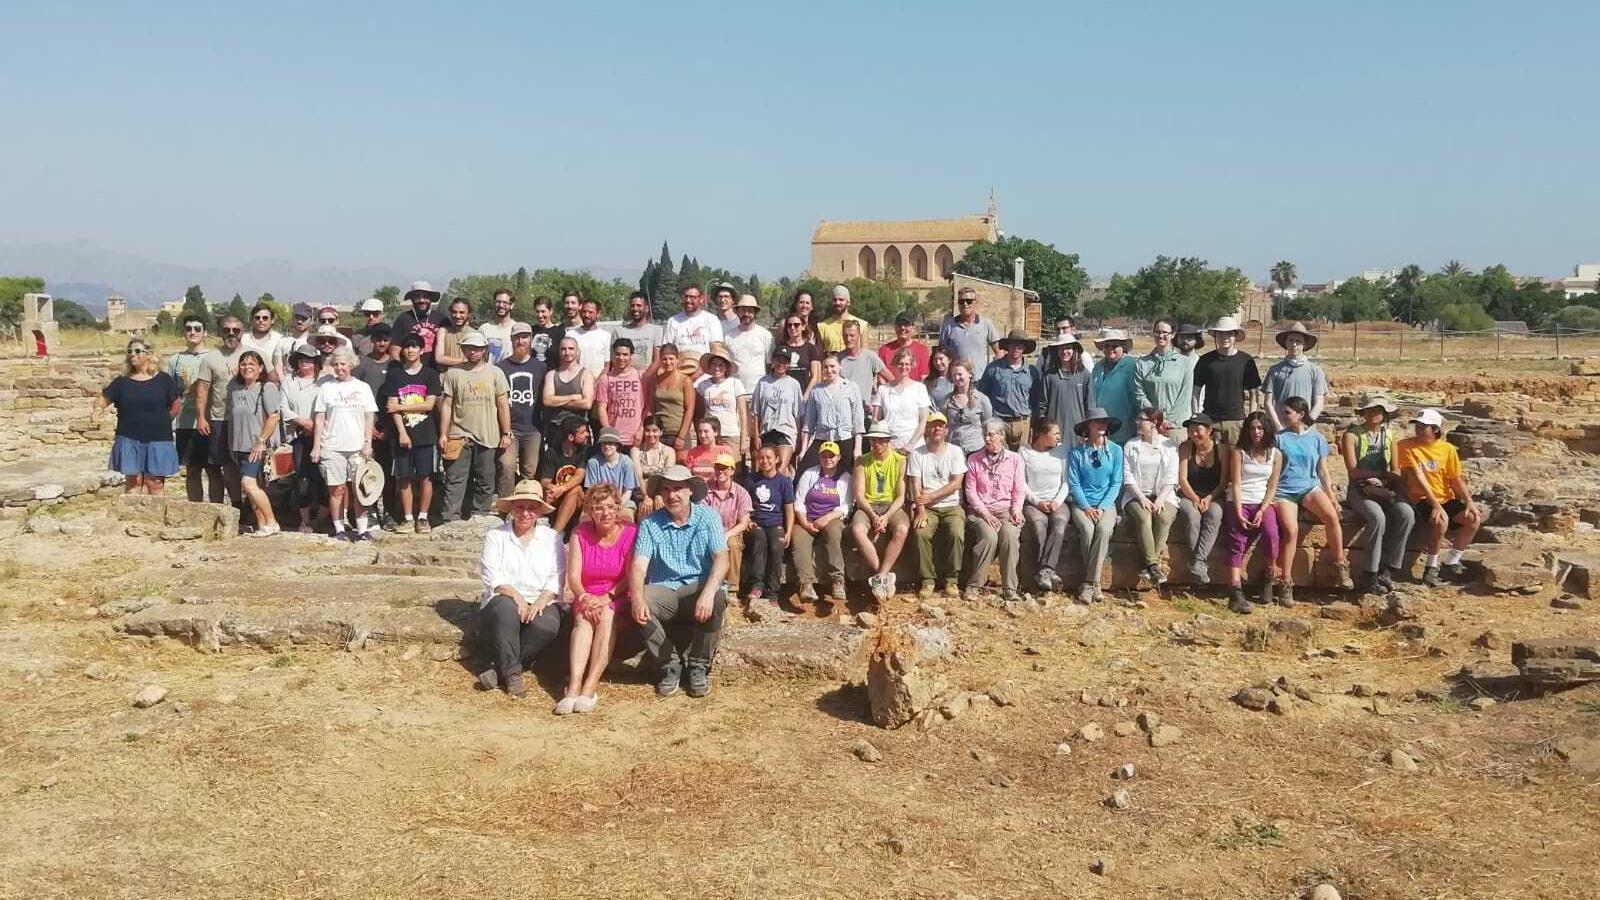 Fotografia del grup de participants inicials al qual hi haurà més incorporacions.